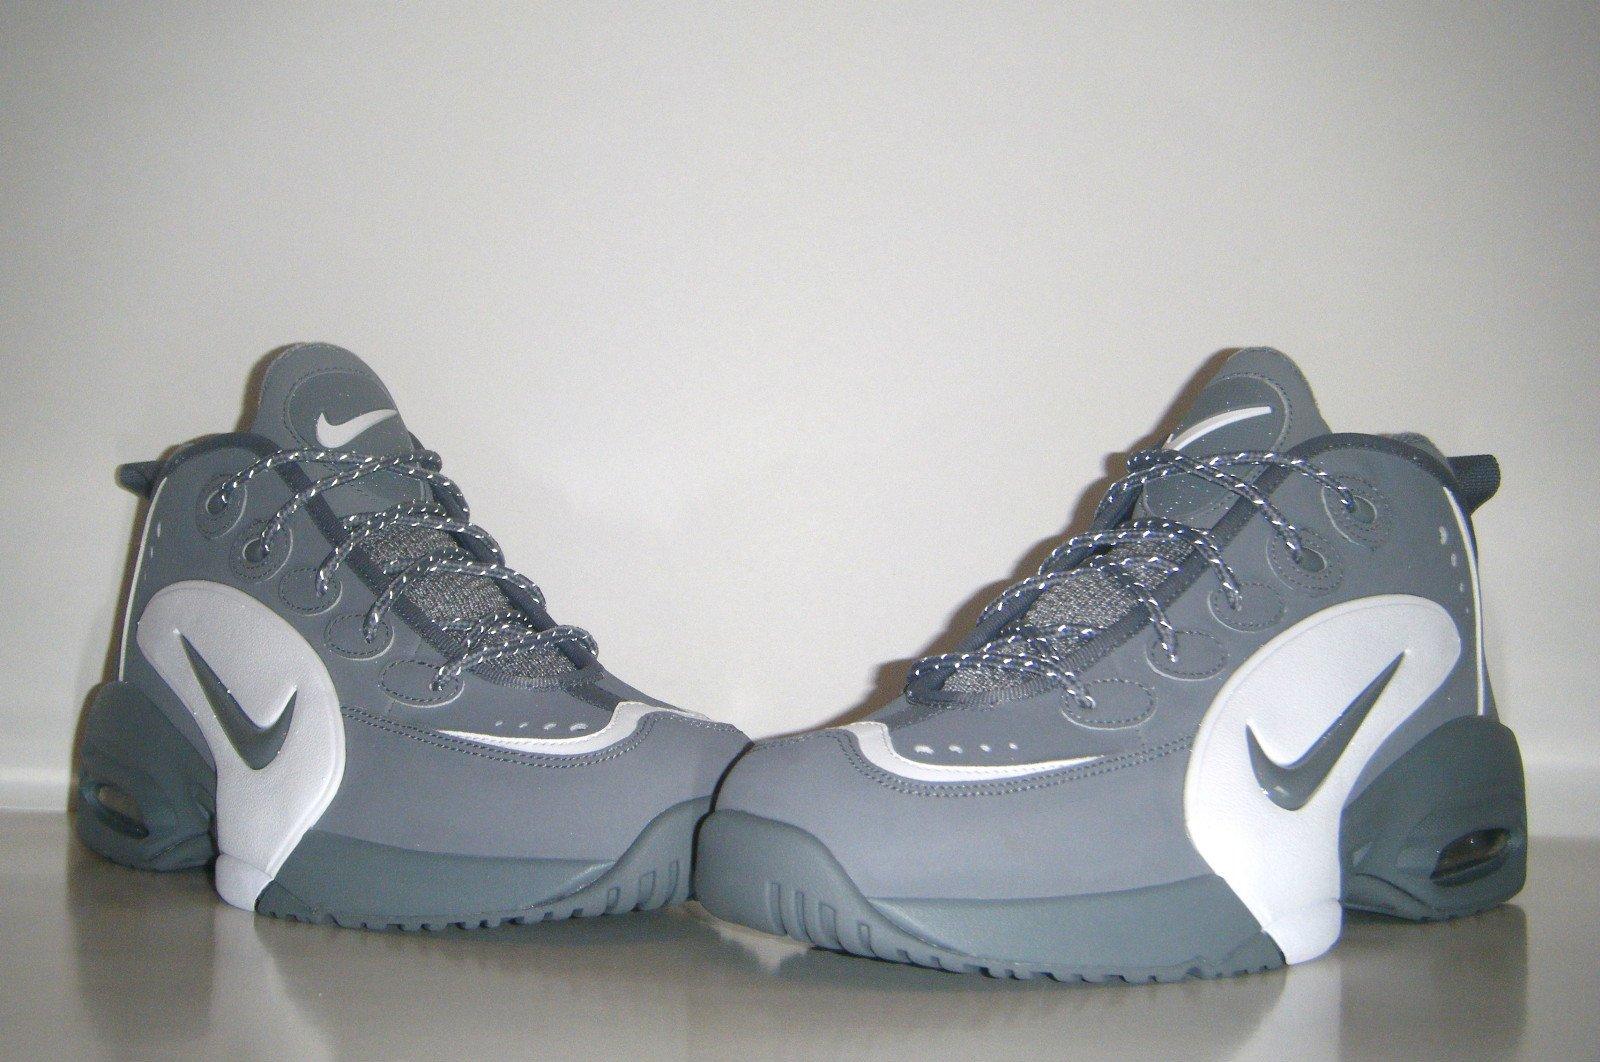 Nike Air Way Up 'Cool Grey' 2013 Retro